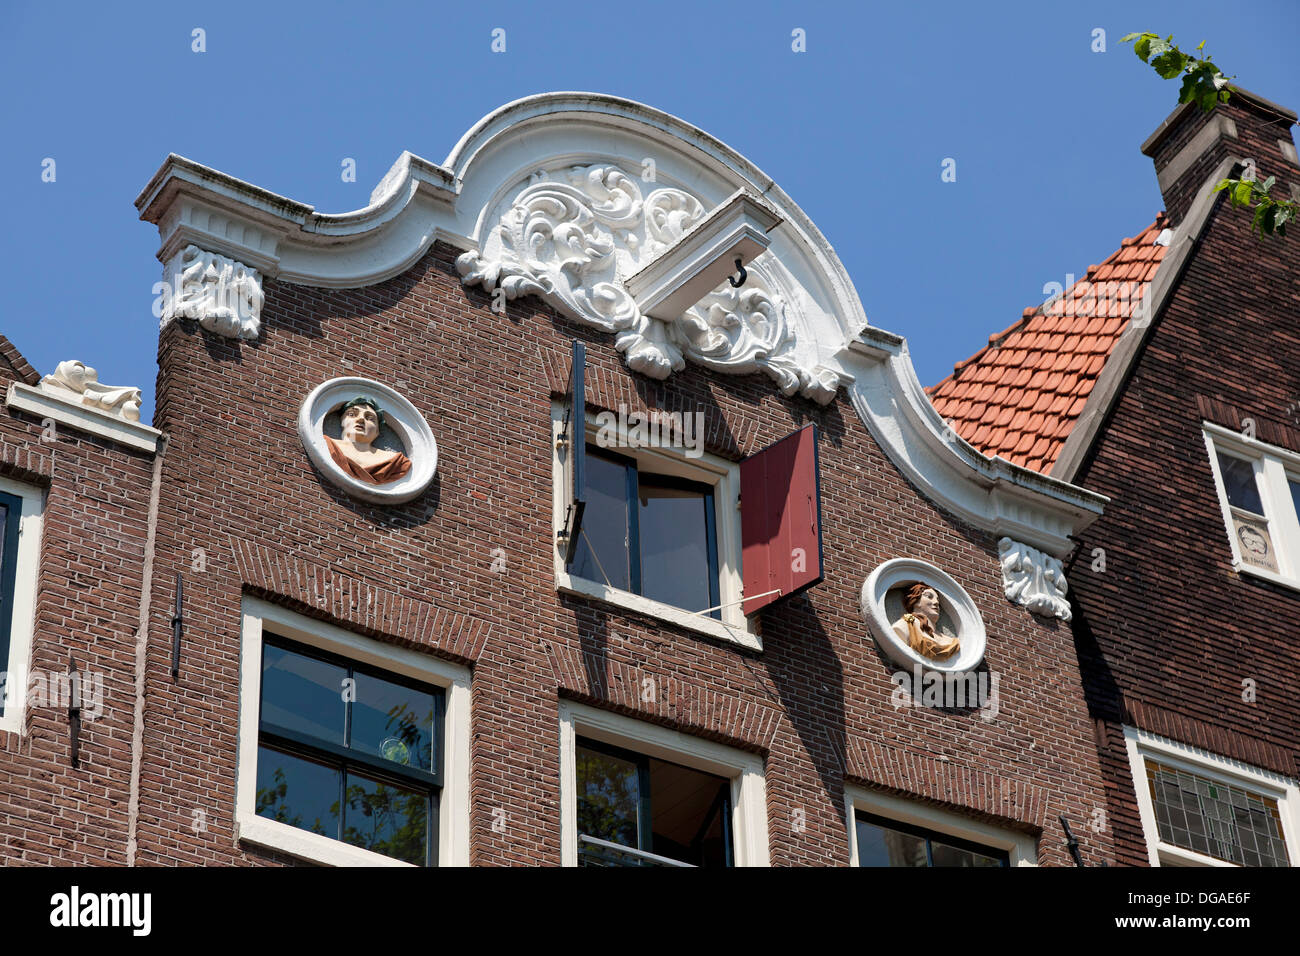 Fachada histórica en Amsterdam con retratos esculpidos Imagen De Stock